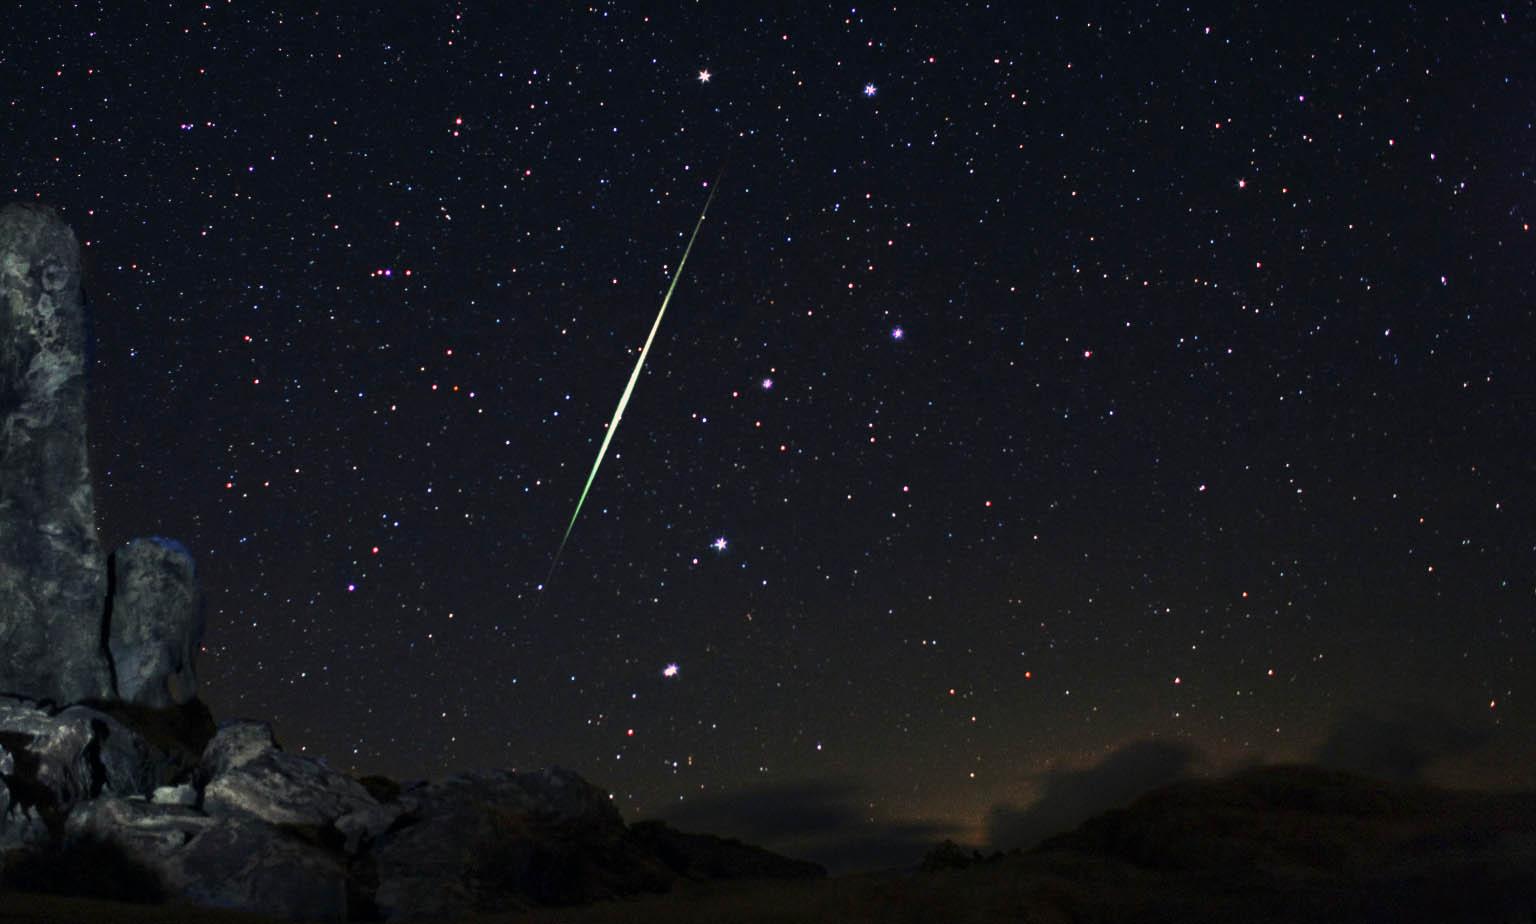 Rüyada Gökyüzünde Yıldız Kayarken Dilek Tutmak